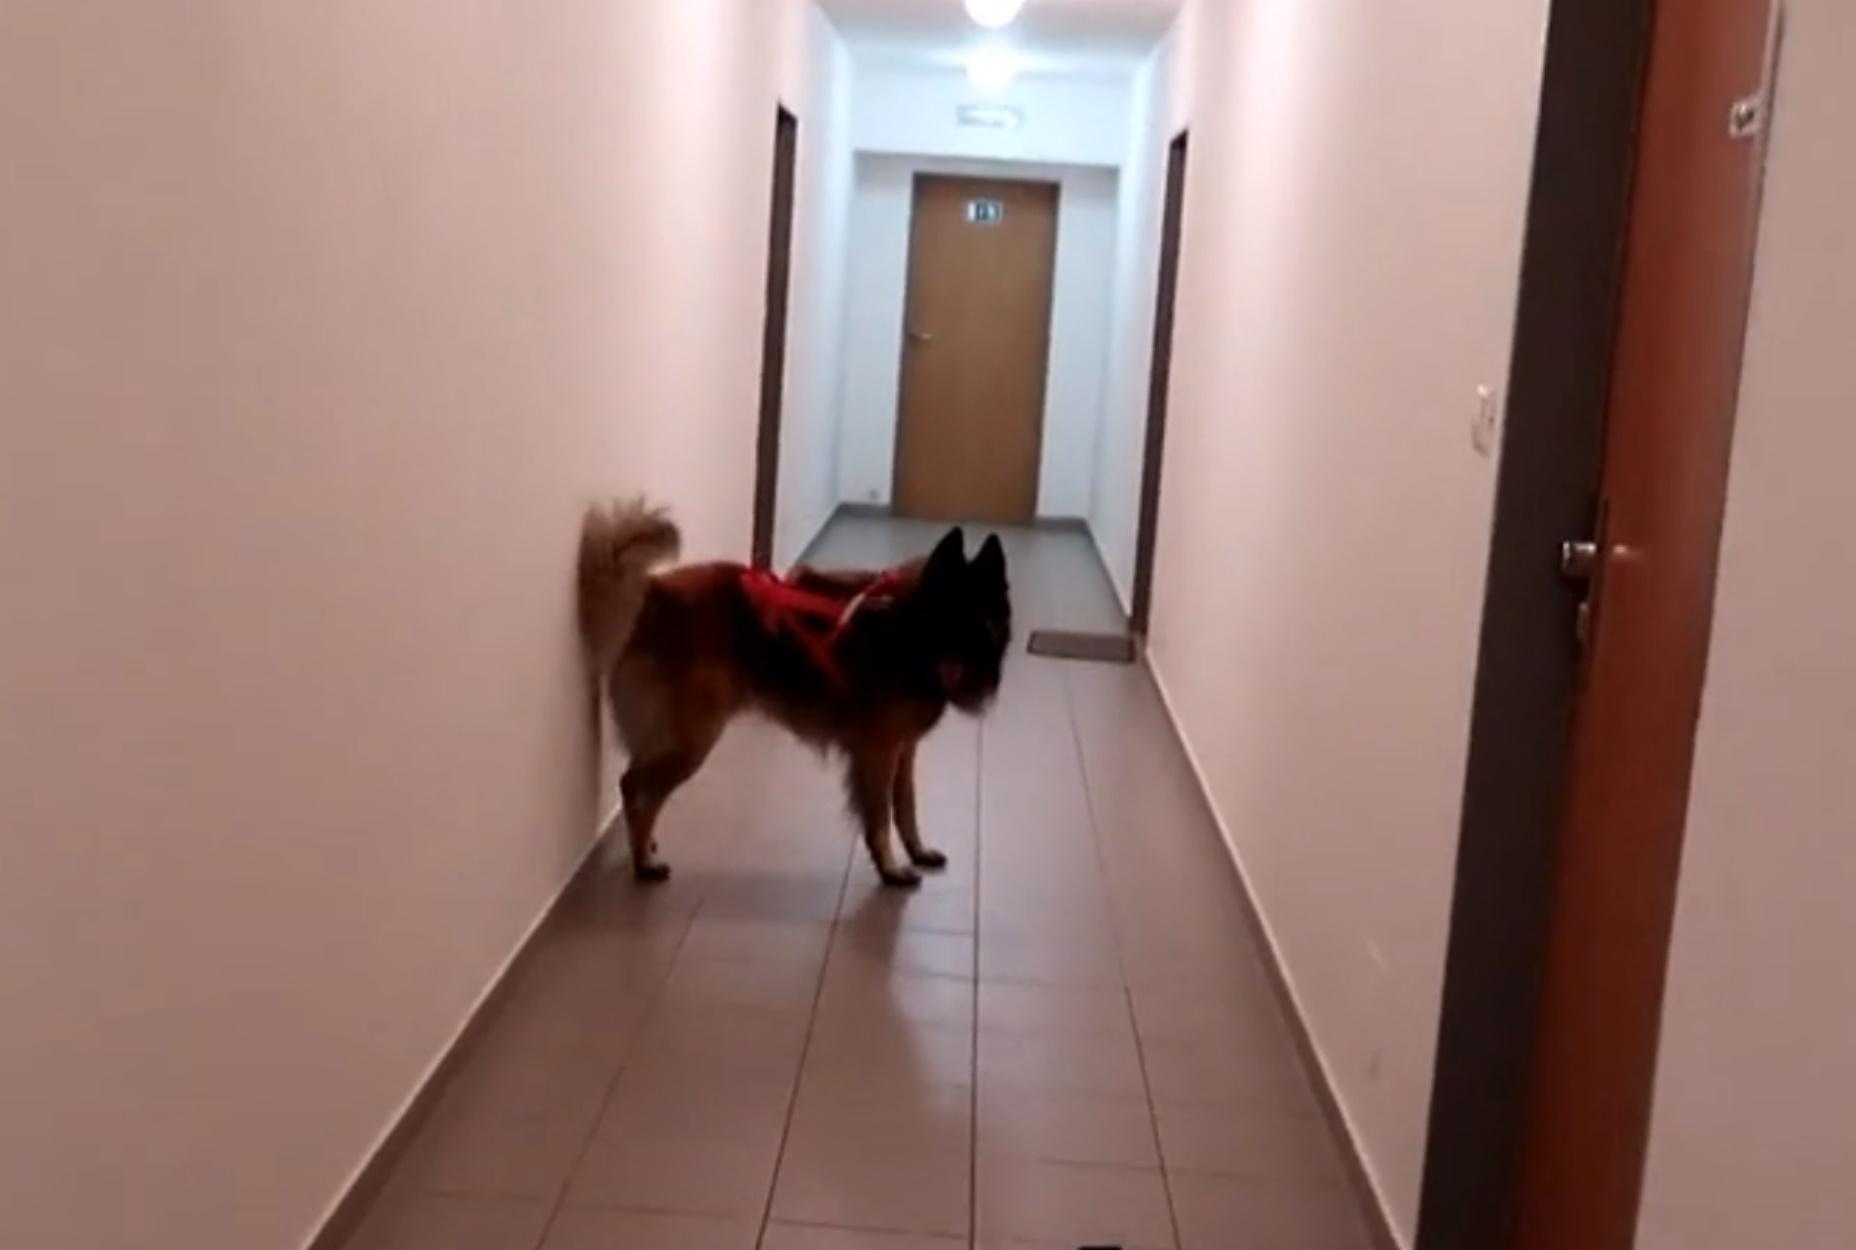 Σκύλος ξετρελαίνεται να κάνει βόλτα με την ιδιοκτήτριά του!